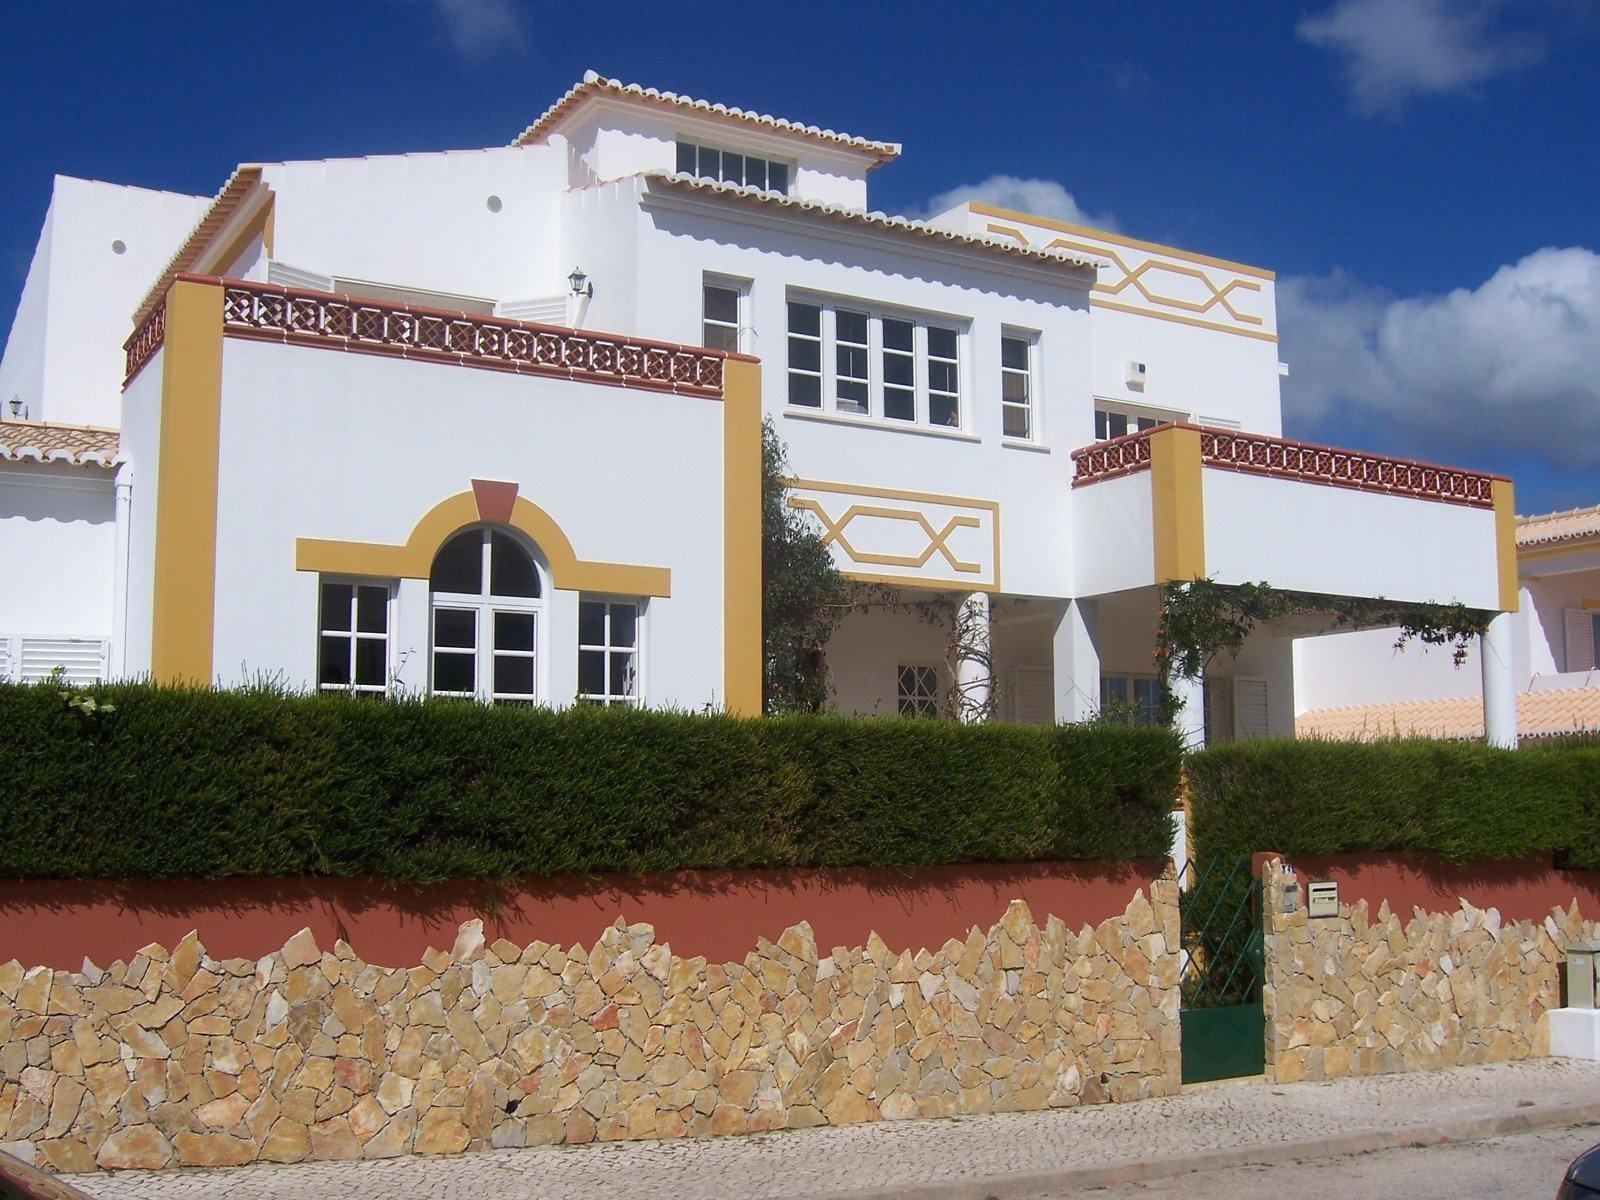 3 Bedroom Villa Lagos, Western Algarve Ref: GV601